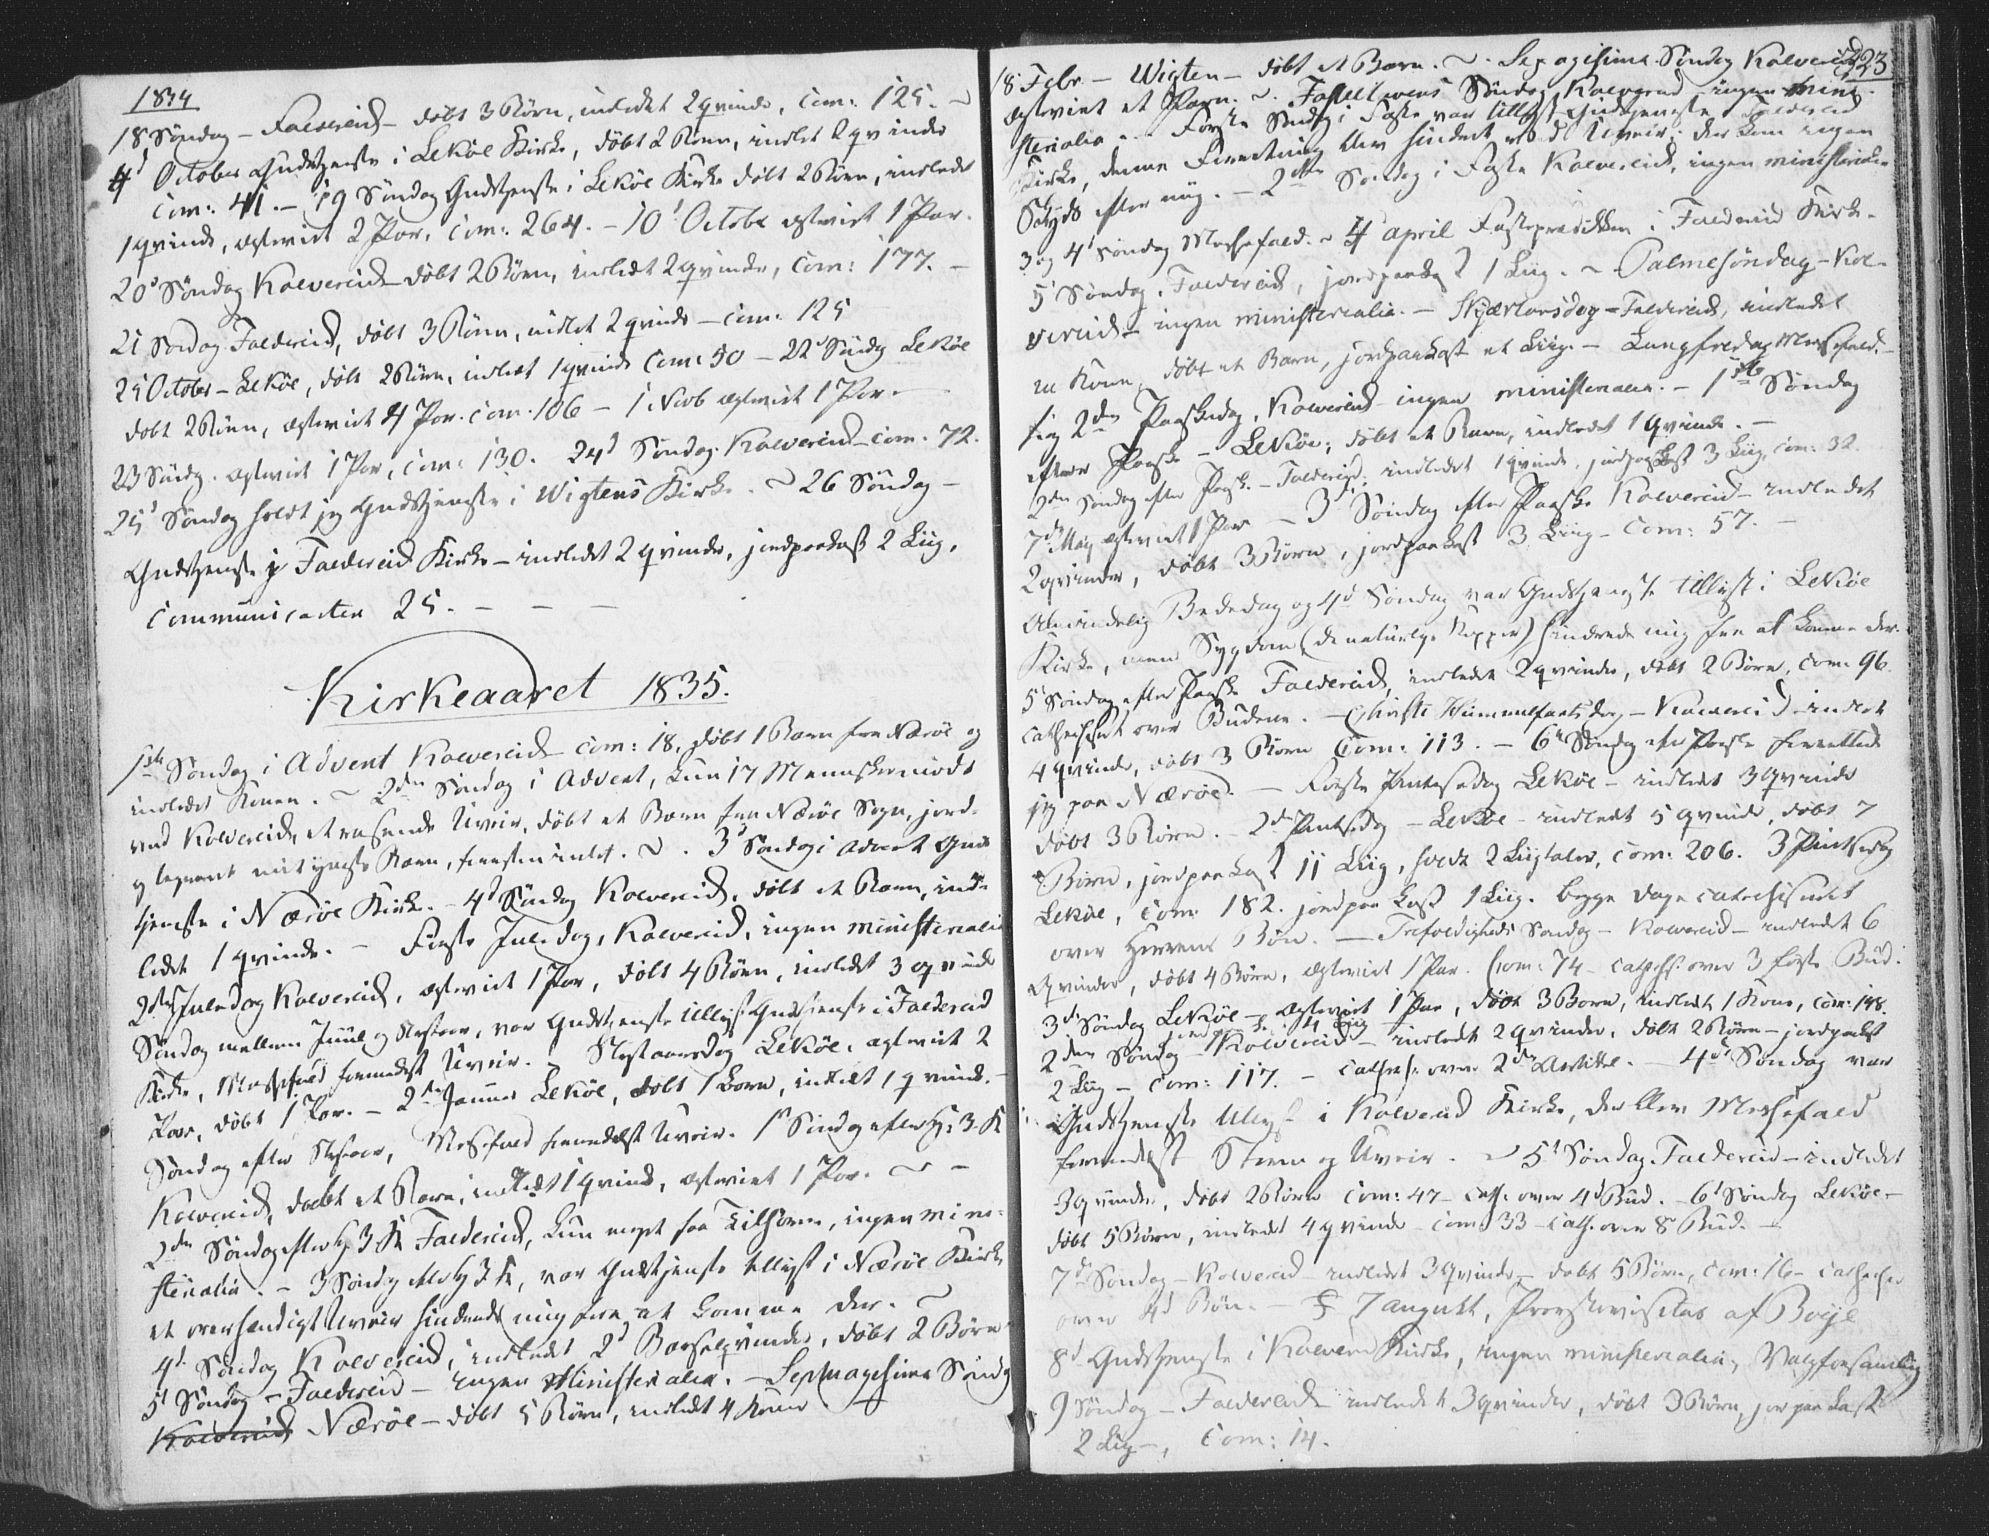 SAT, Ministerialprotokoller, klokkerbøker og fødselsregistre - Nord-Trøndelag, 780/L0639: Ministerialbok nr. 780A04, 1830-1844, s. 323